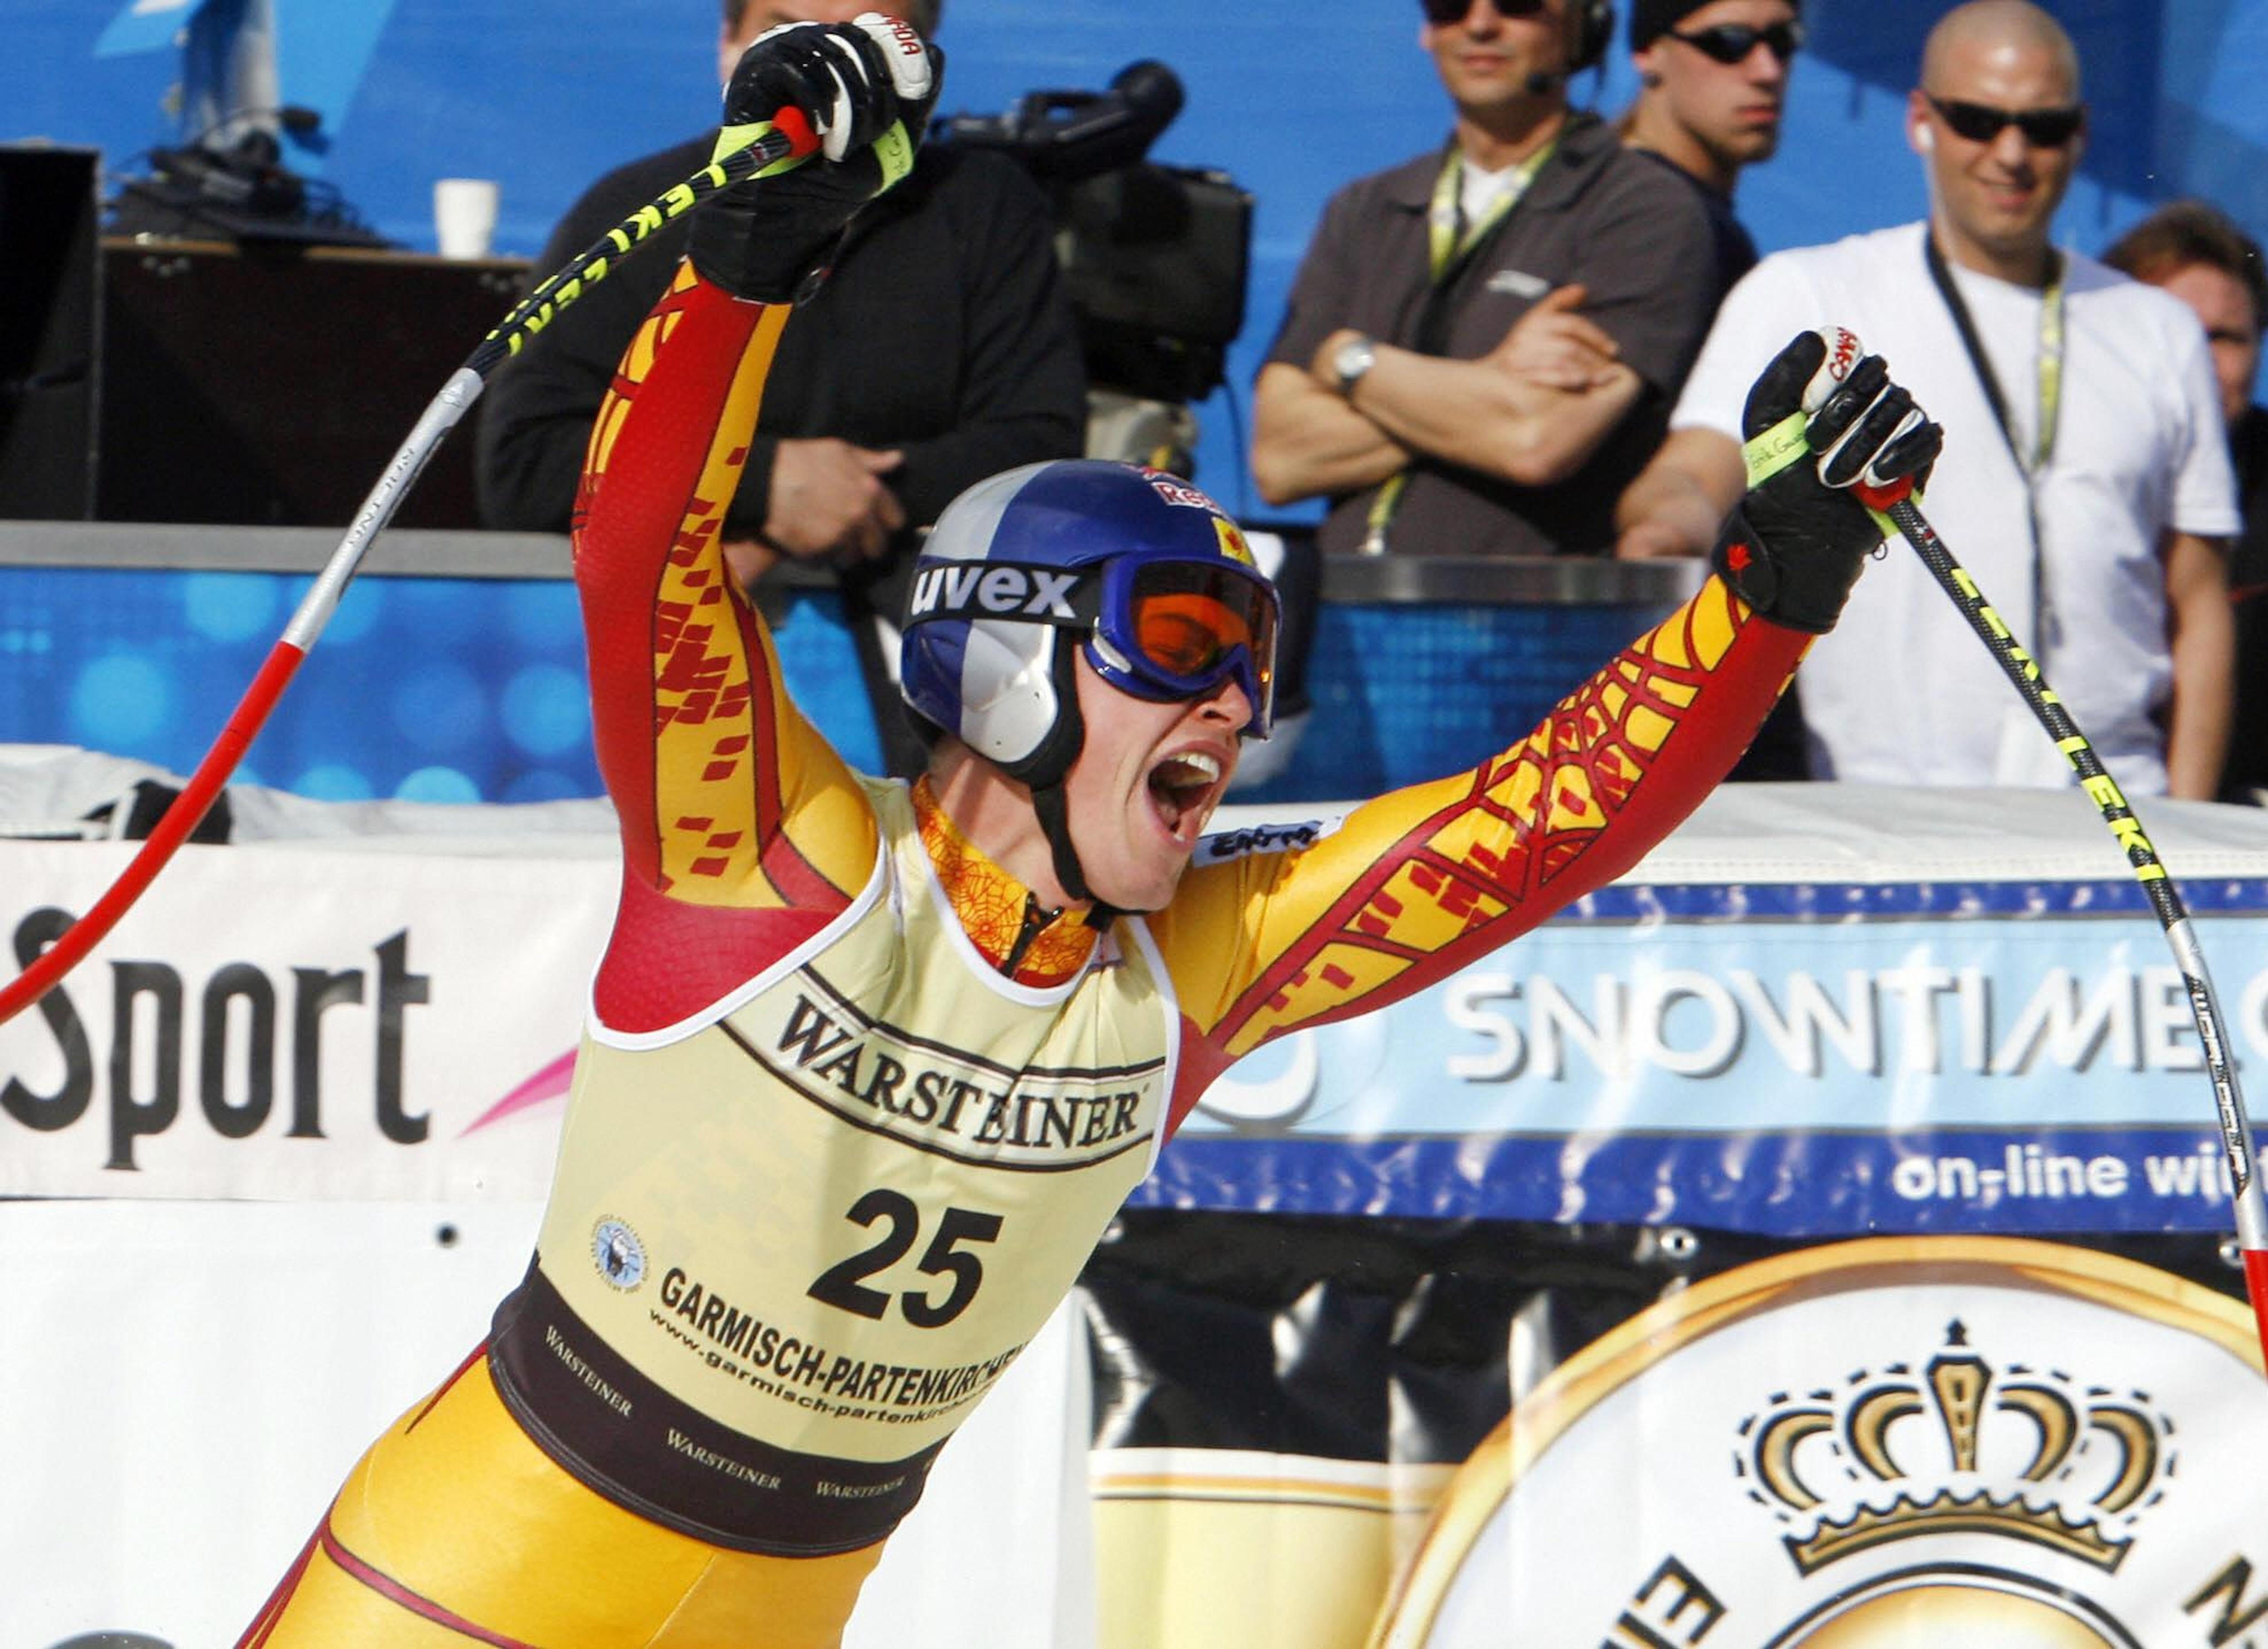 Erik Guay exulte en franchissant la ligne d'arrivée de la descente de Garmisch-Partenkirchen le 24 février 2007.